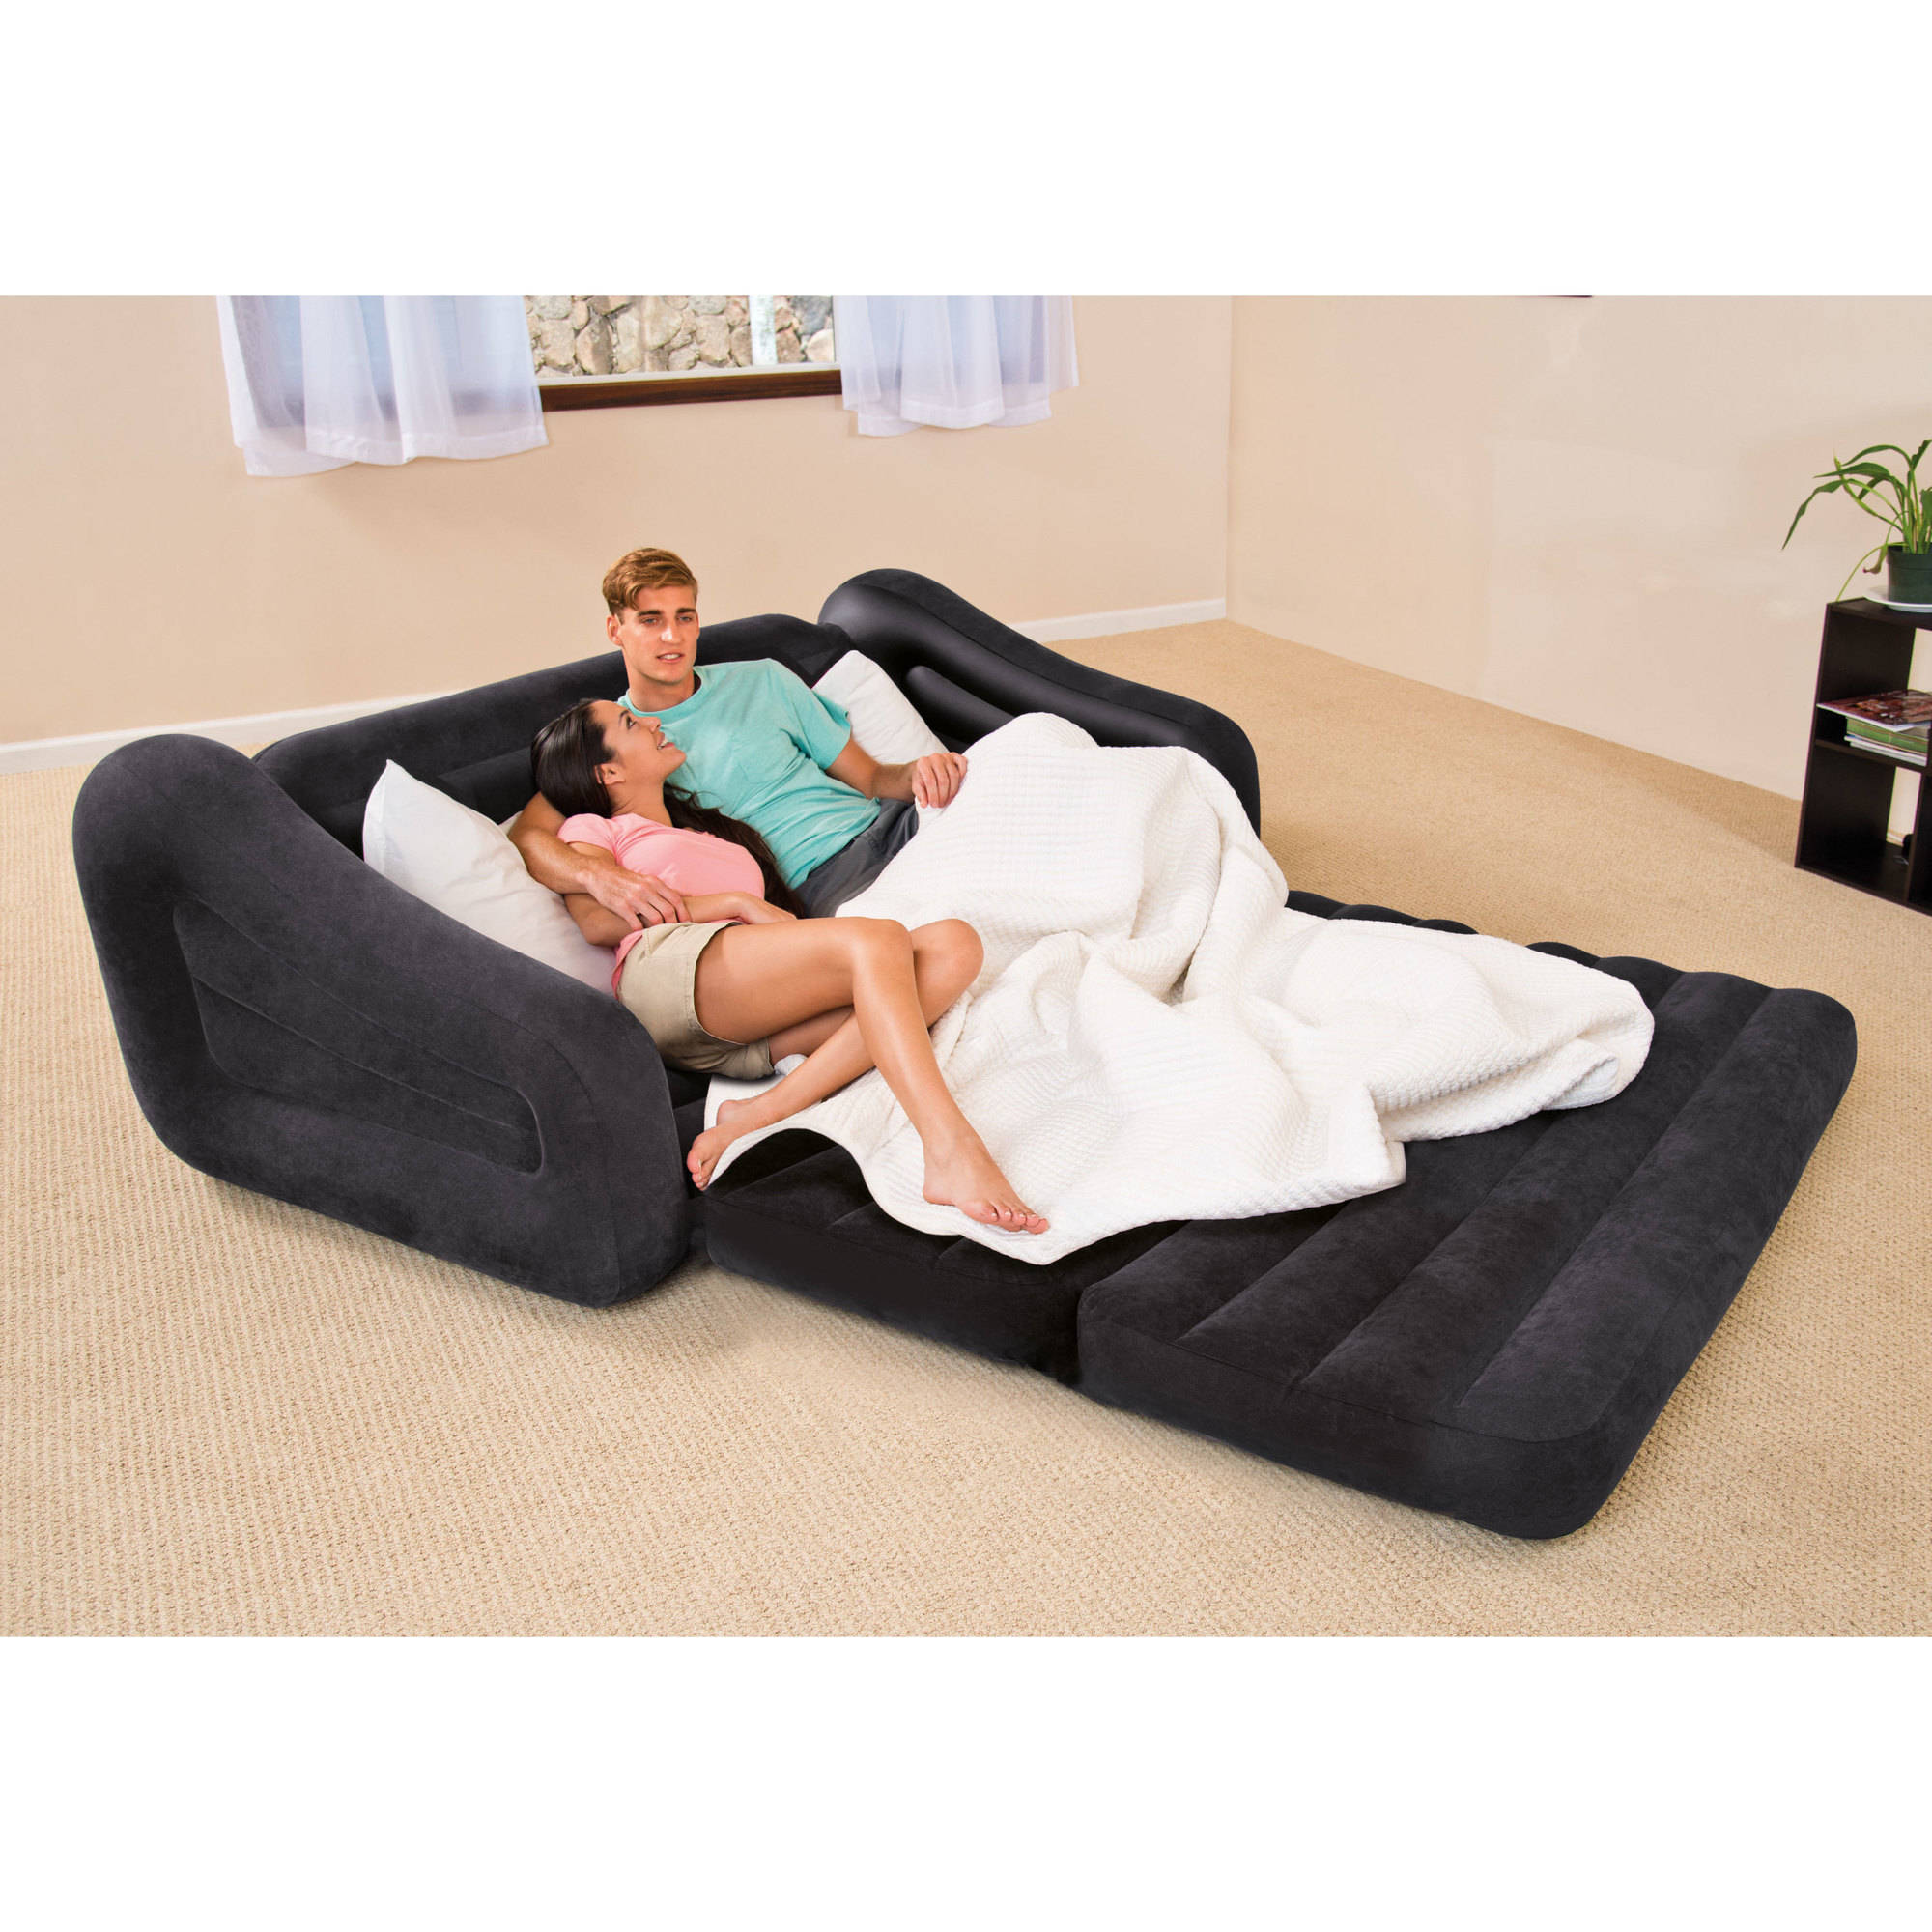 Flip Over Sofa Beds